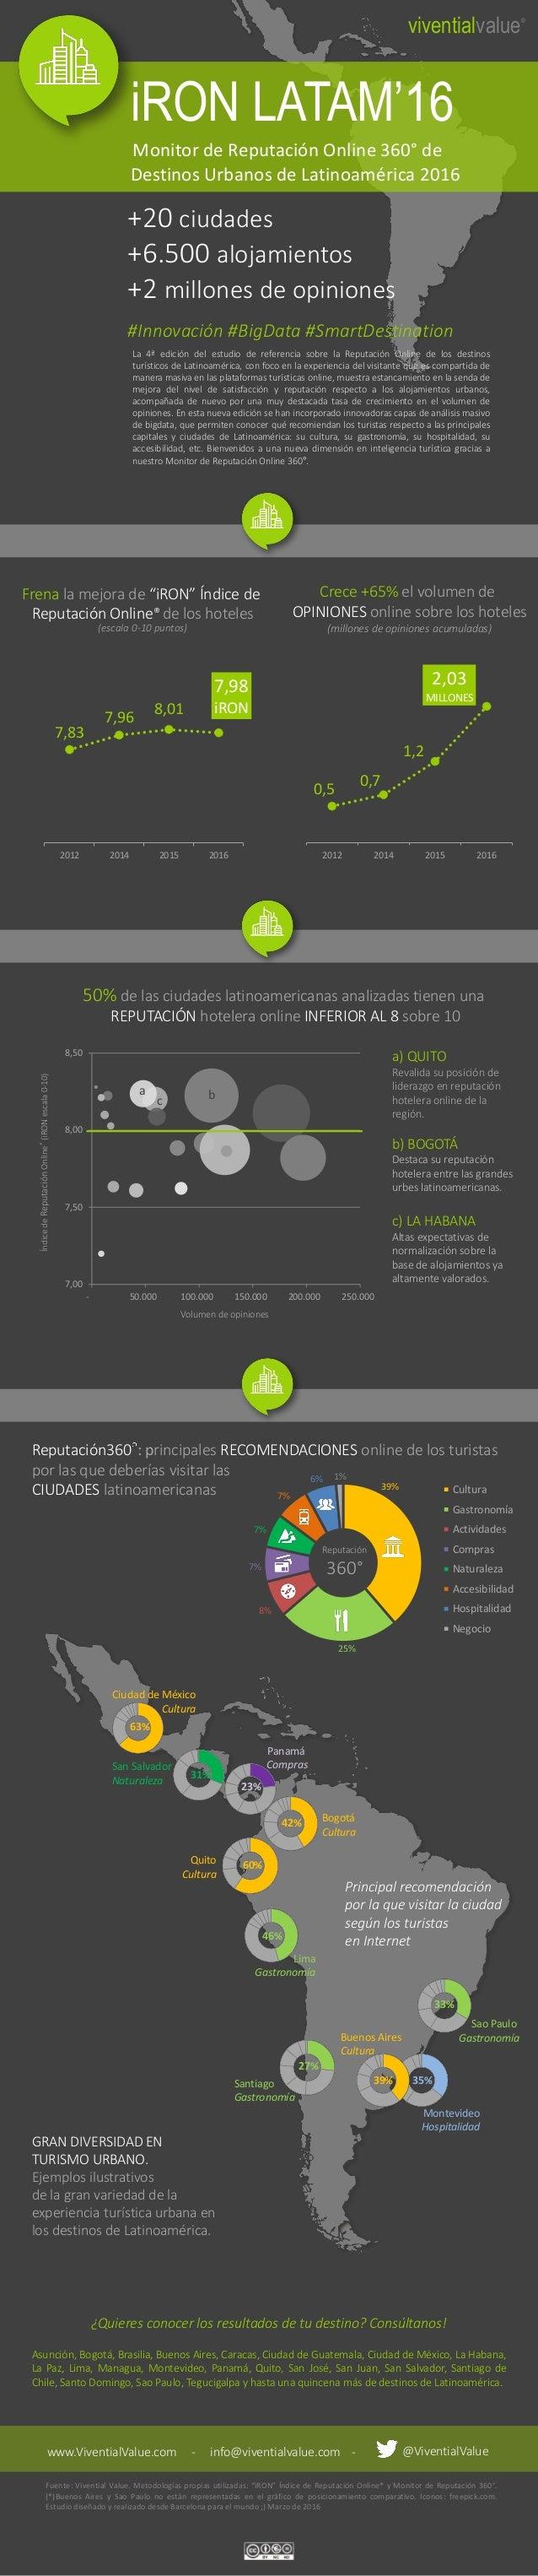 39% 25% 8% 7% 7% 7% 6% 1% Cultura Gastronomía Actividades Compras Naturaleza Accesibilidad Hospitalidad Negocio iRON LATAM...